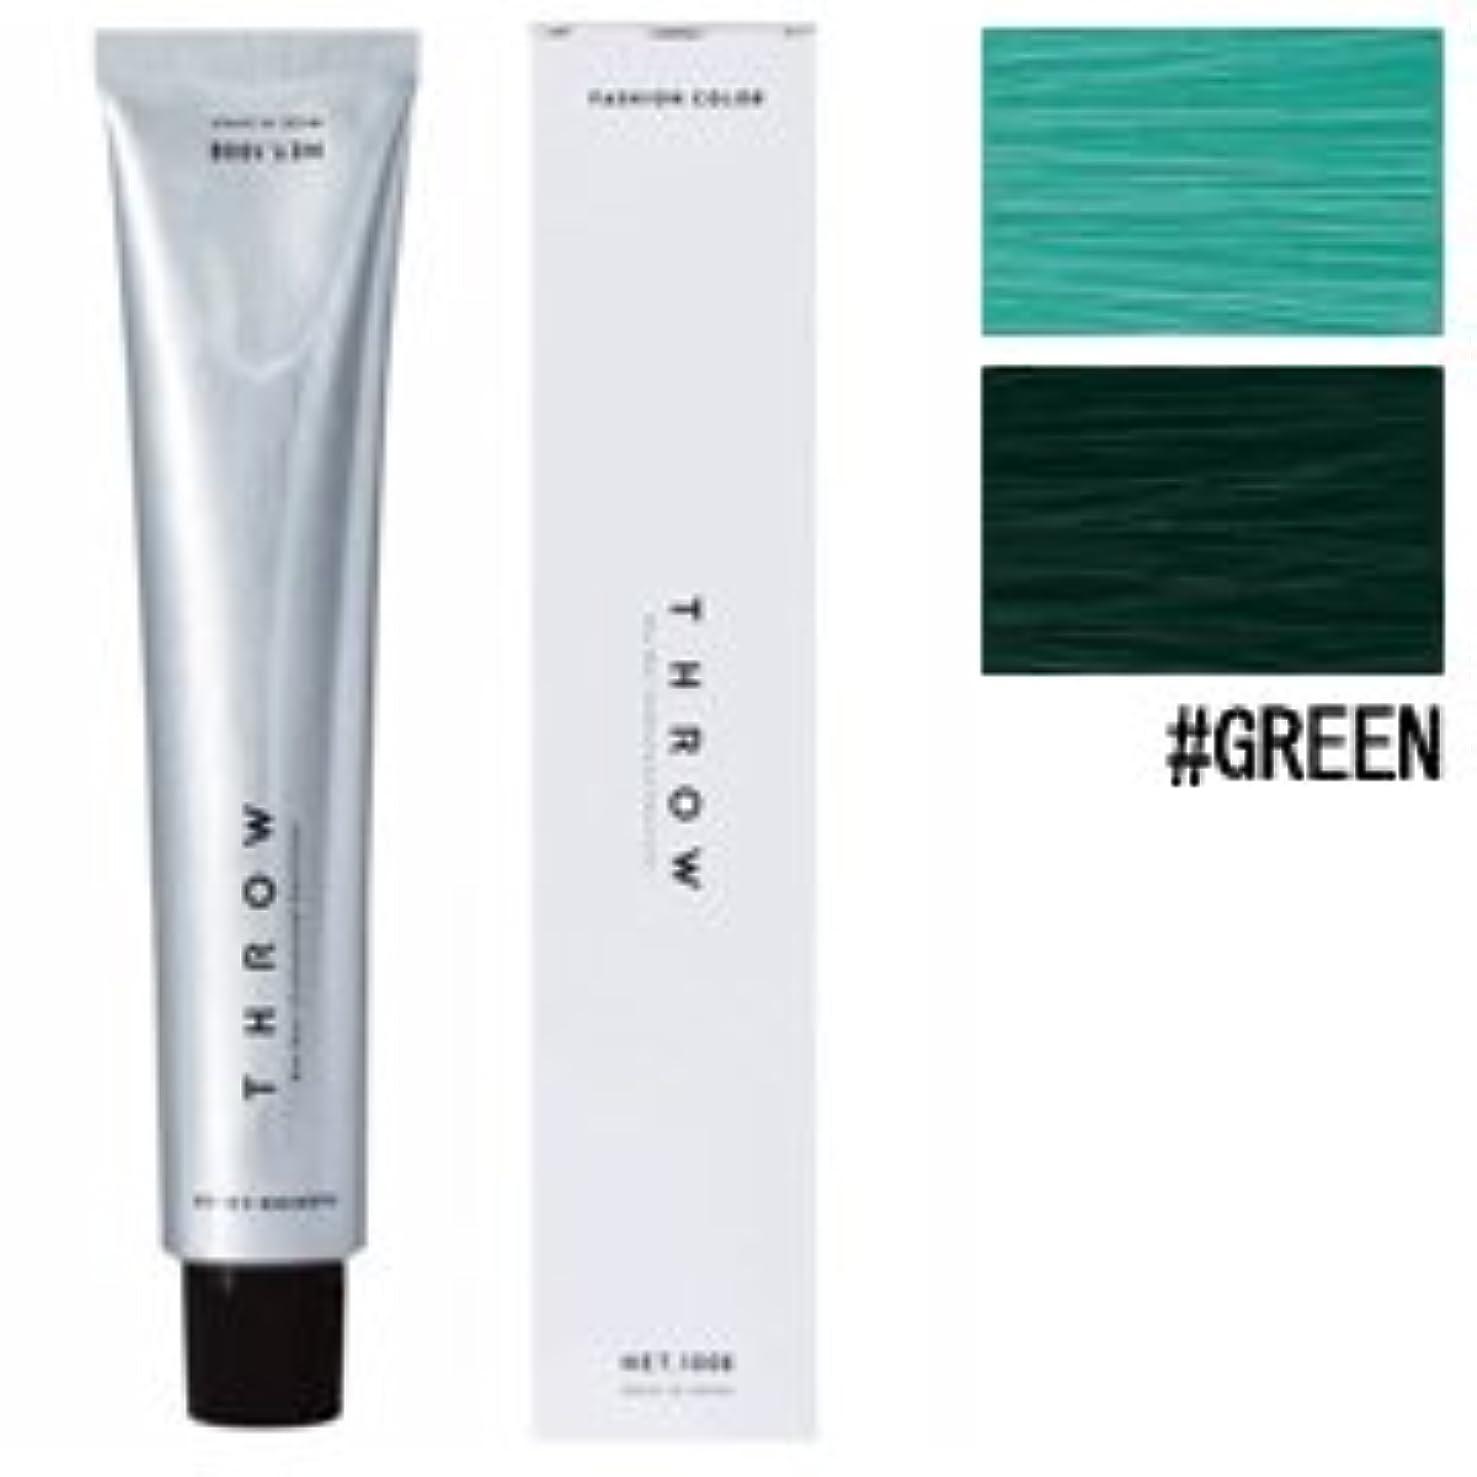 虎ご覧ください不従順【モルトベーネ】スロウ ファッションカラー #GREEN 100g